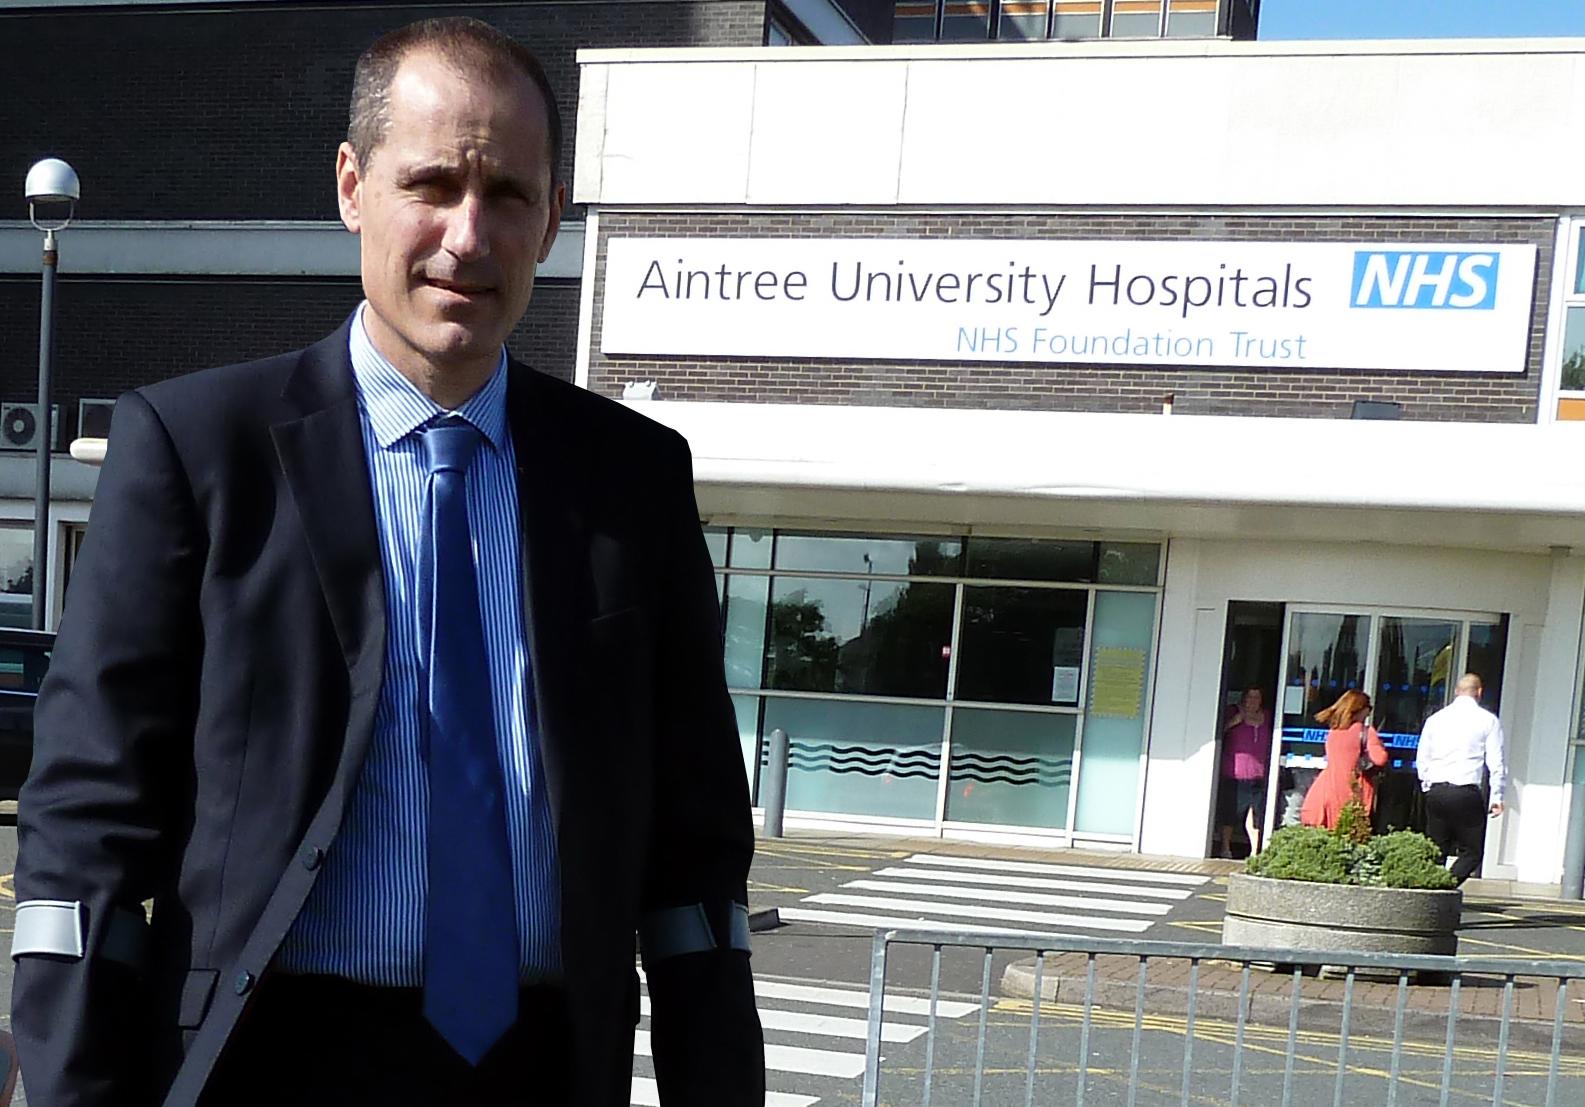 Bill Esterson at Aintree Hospital A&E